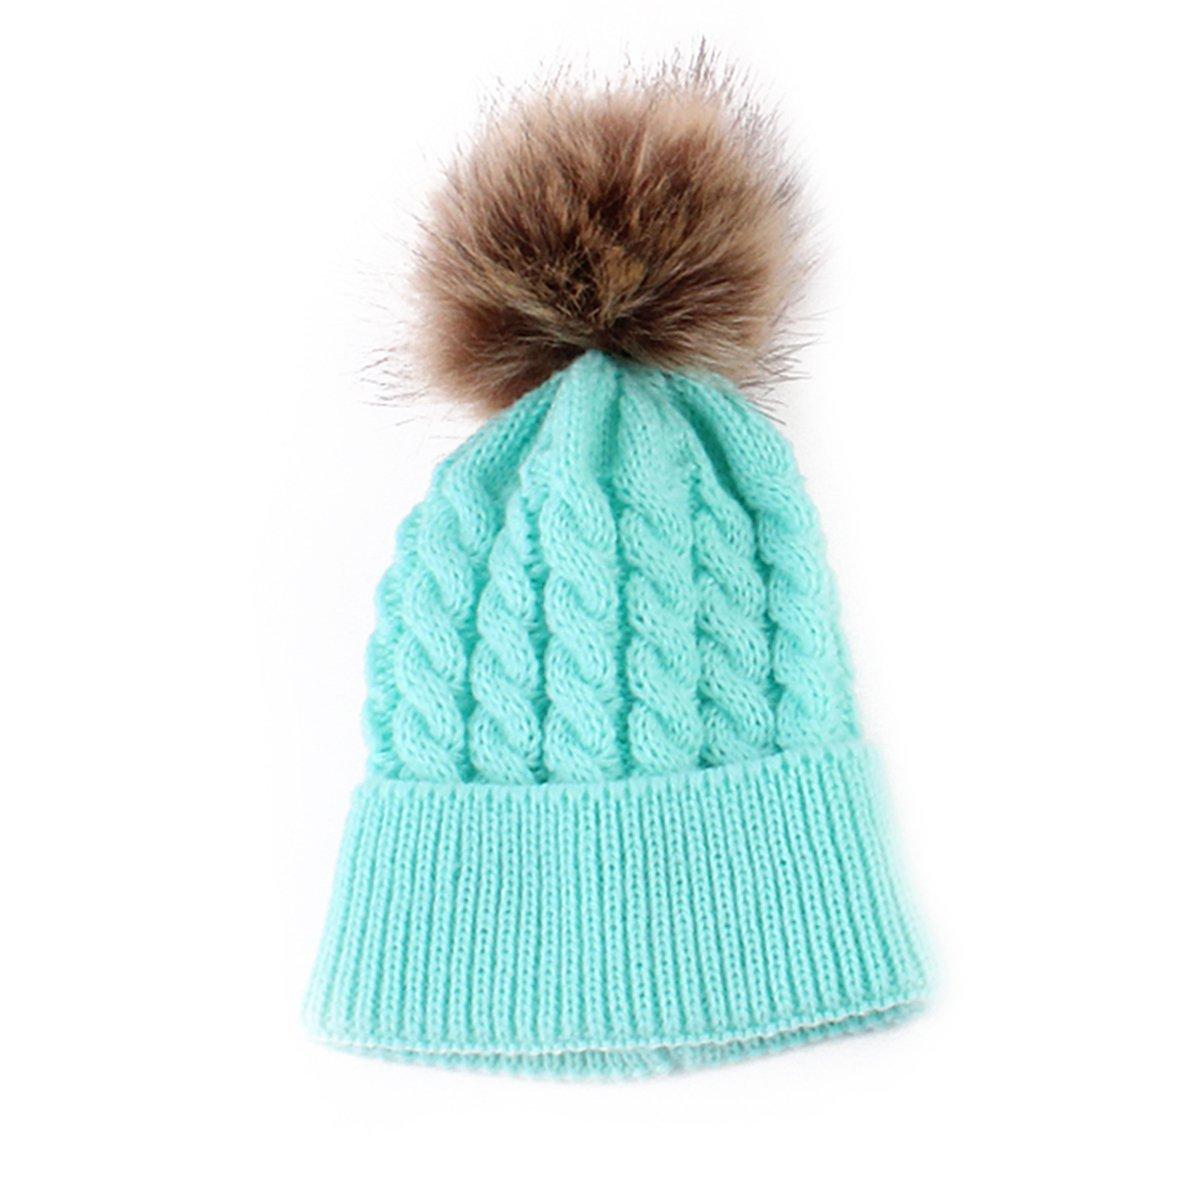 oenbopo HAT ベビーボーイズ B01LX1TH61 レイクグリーン レイクグリーン